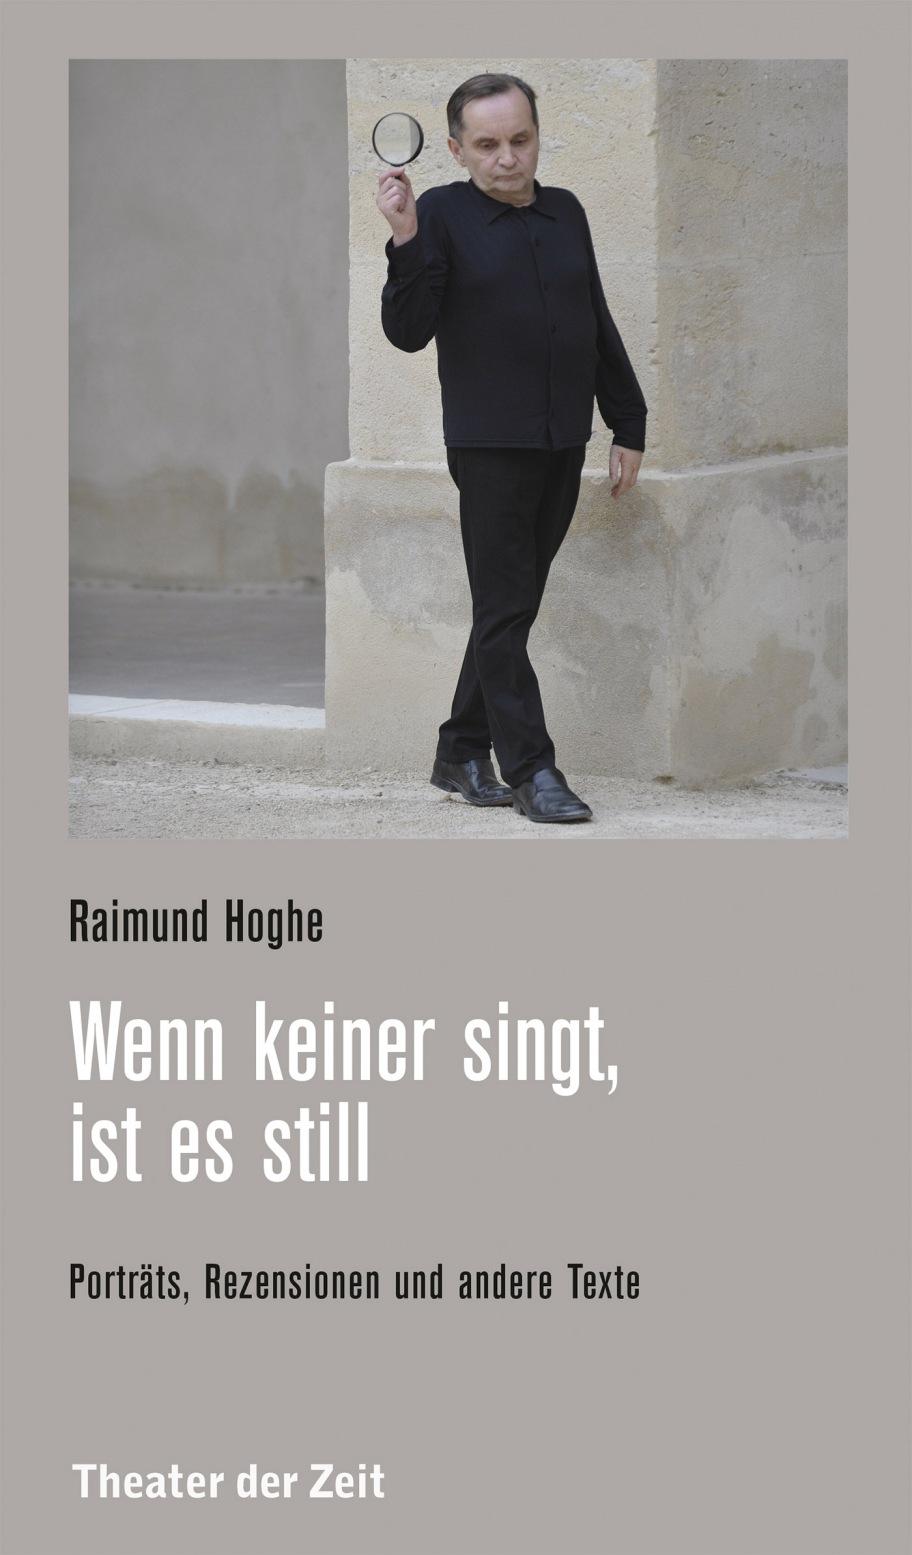 Raimund Hoghe: Wenn keiner singt, ist es still